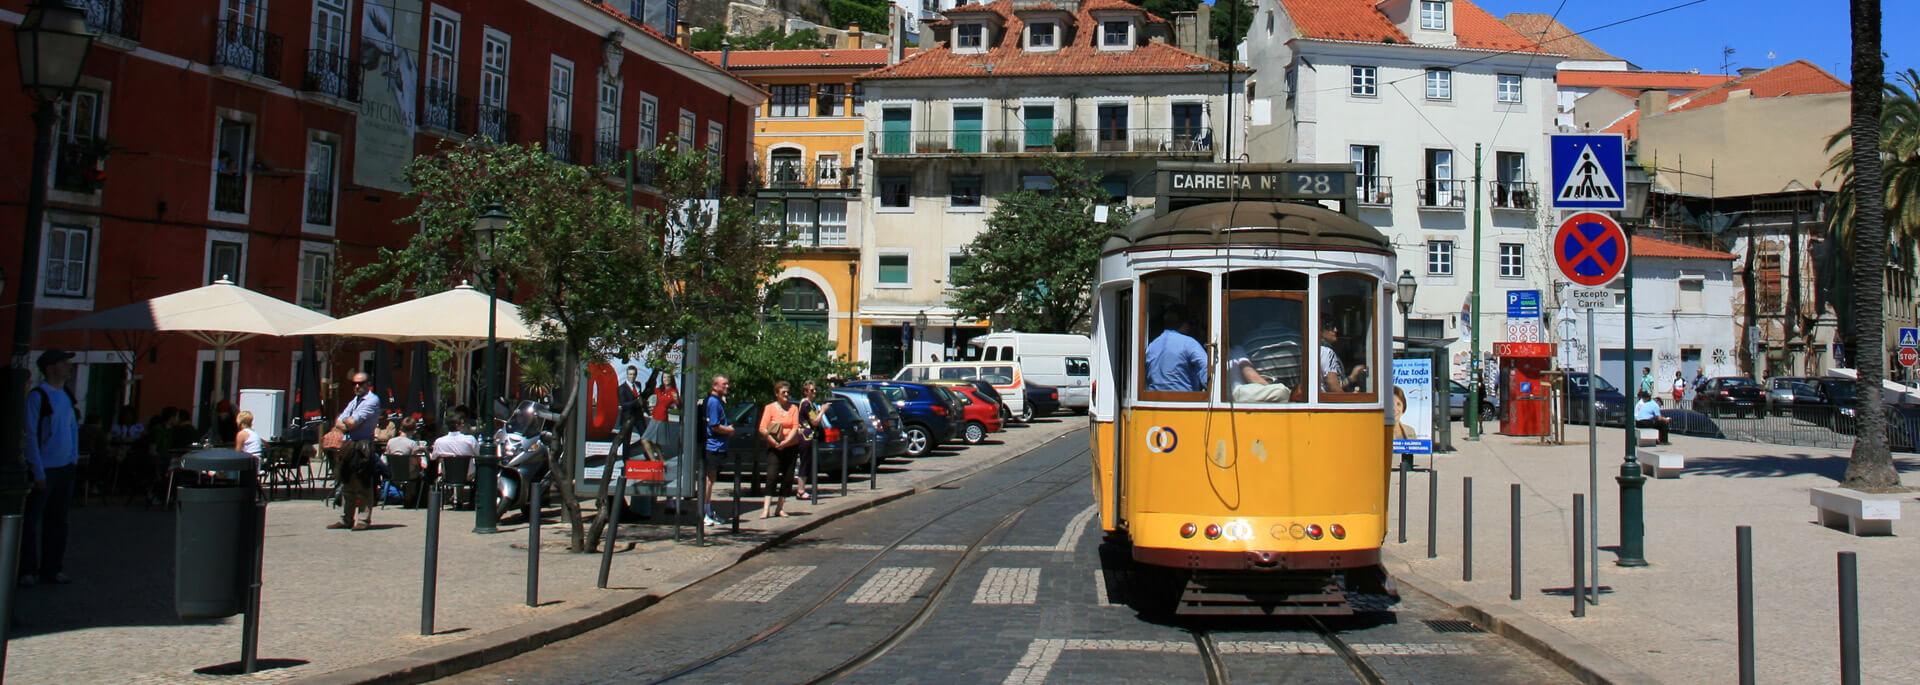 Fotos: Lissabon